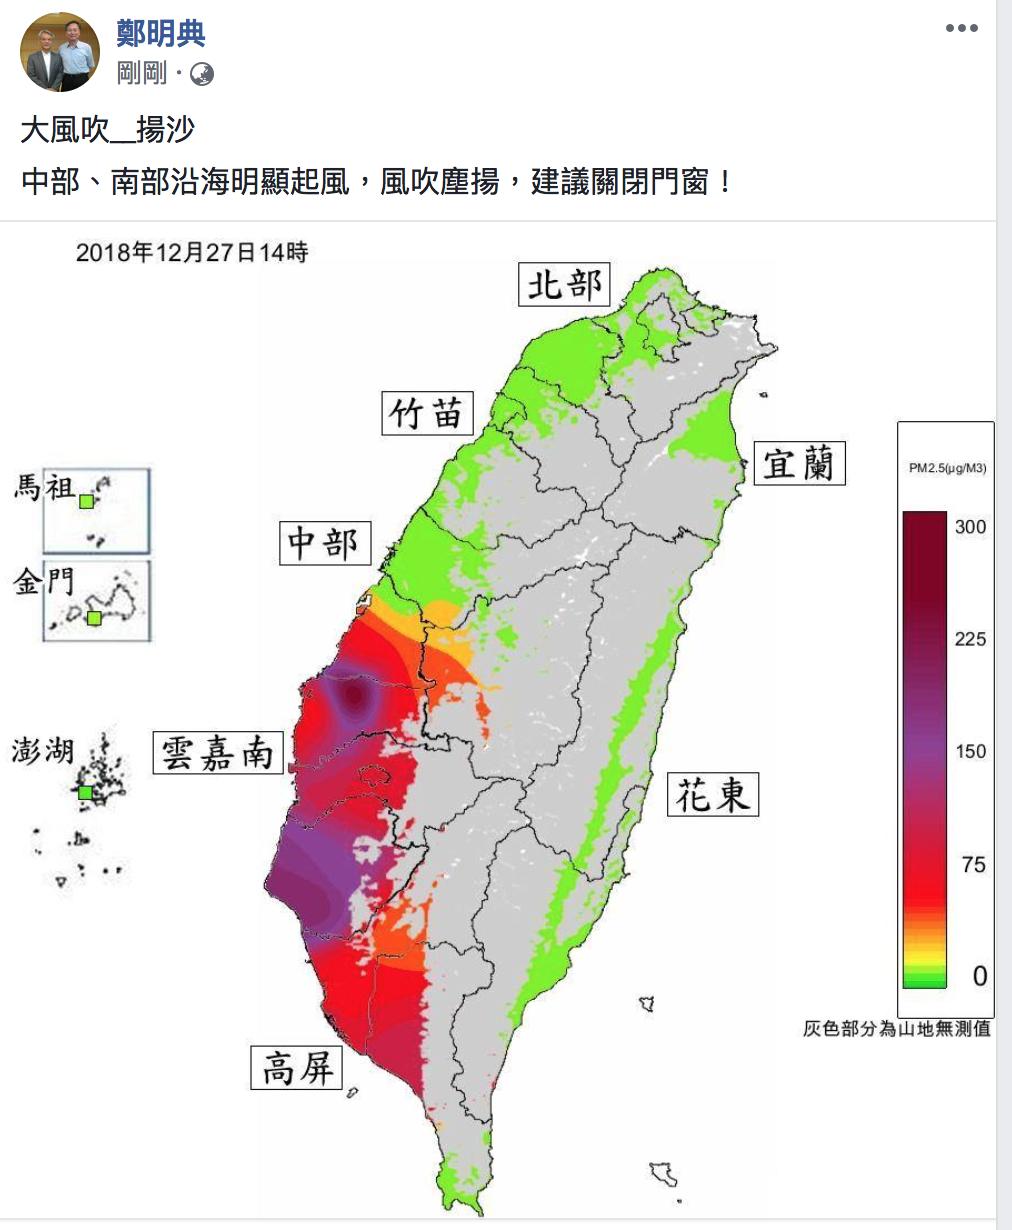 中央氣象局副局長鄭明典在臉書發文表示,中南部沿海起風揚塵。圖/翻攝自鄭明典臉書